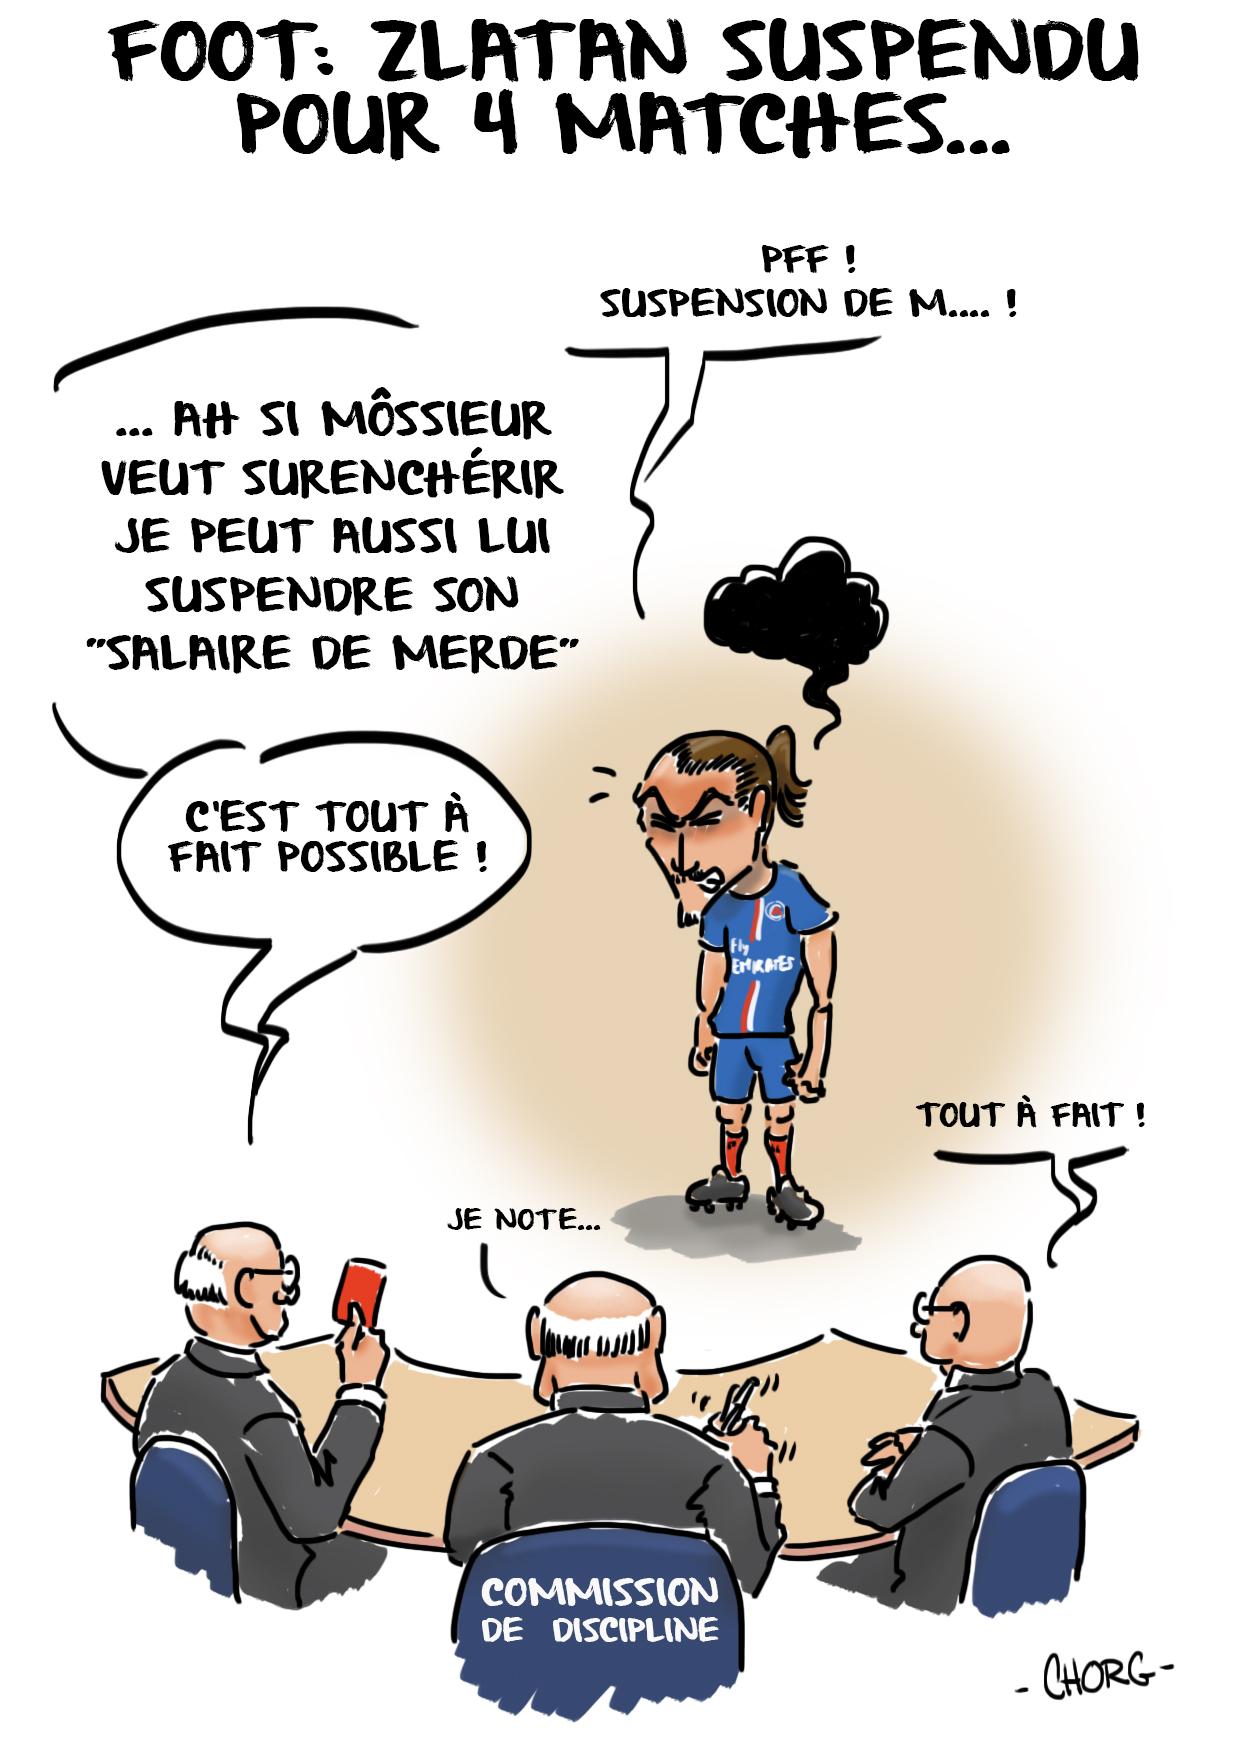 L'affaire Zlatan.